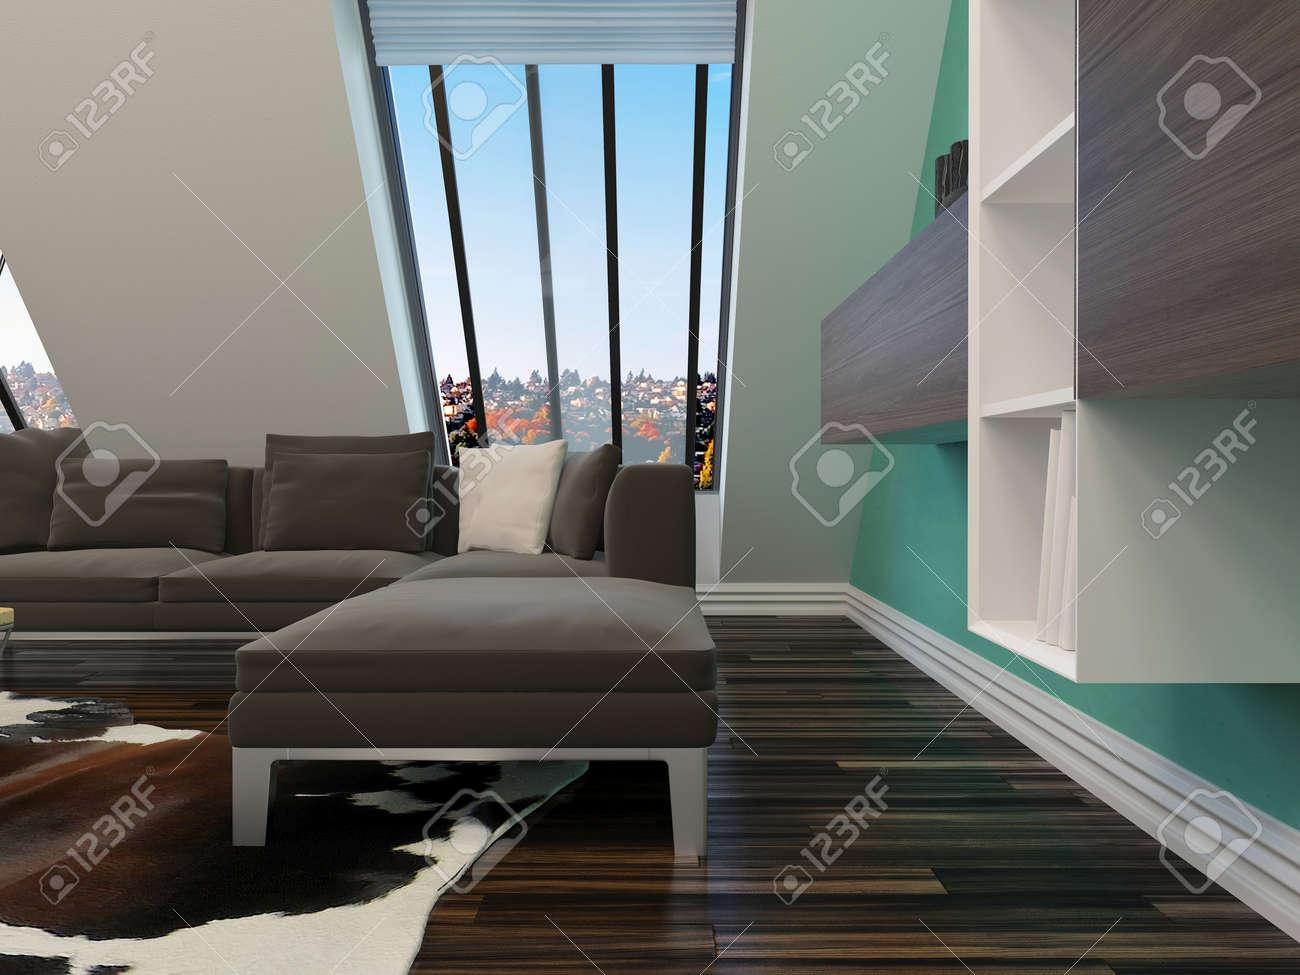 Moderne woonkamer interieur met een schuine wand met ramen ...